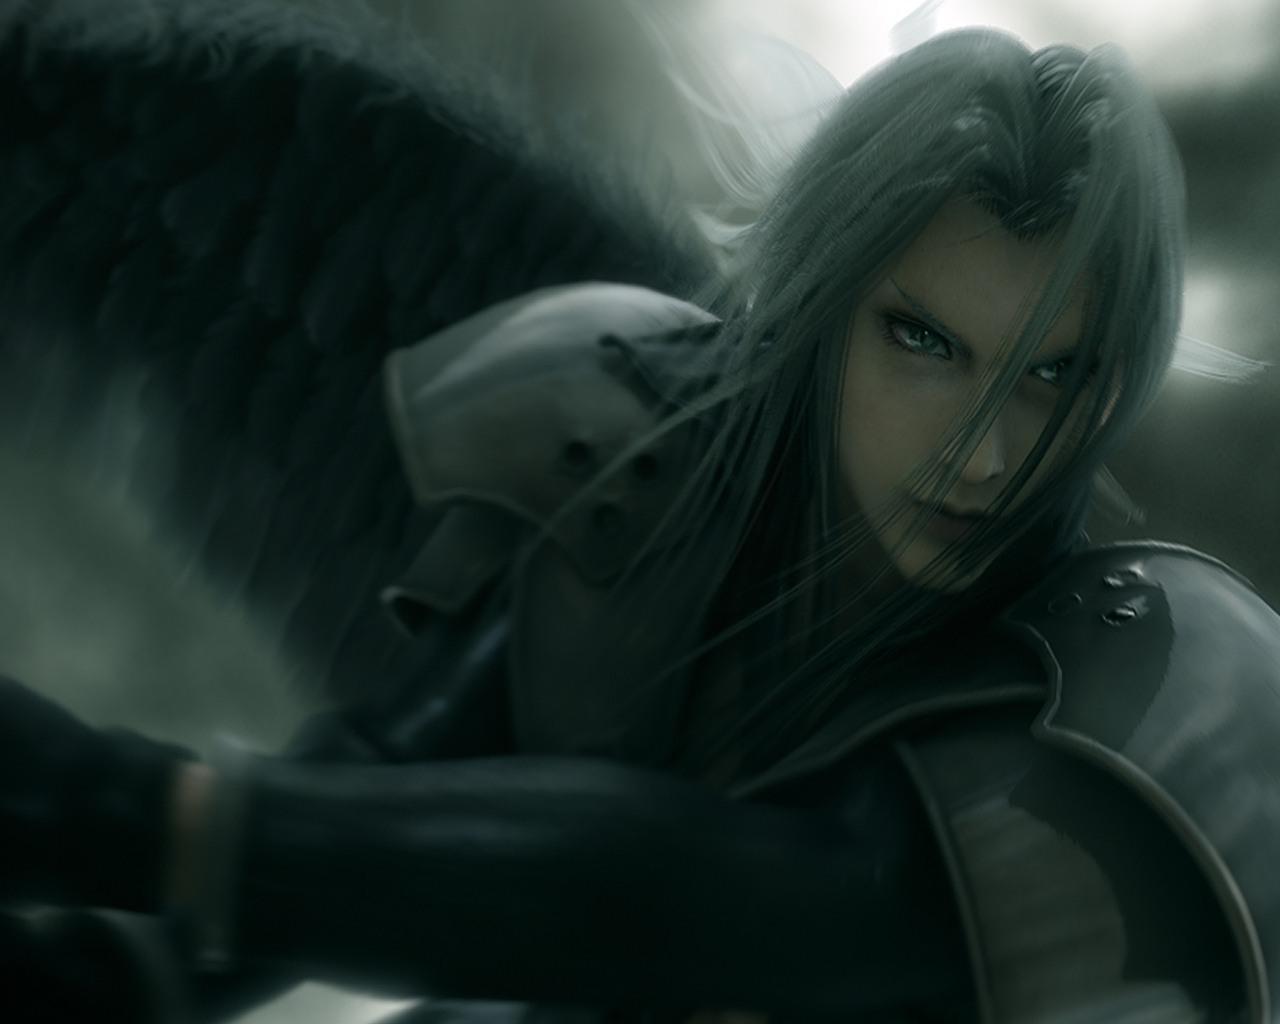 Regala una imagen al usuario de arriba... - Página 3 One-winged-angel-sephiroth-6509995-1280-1024